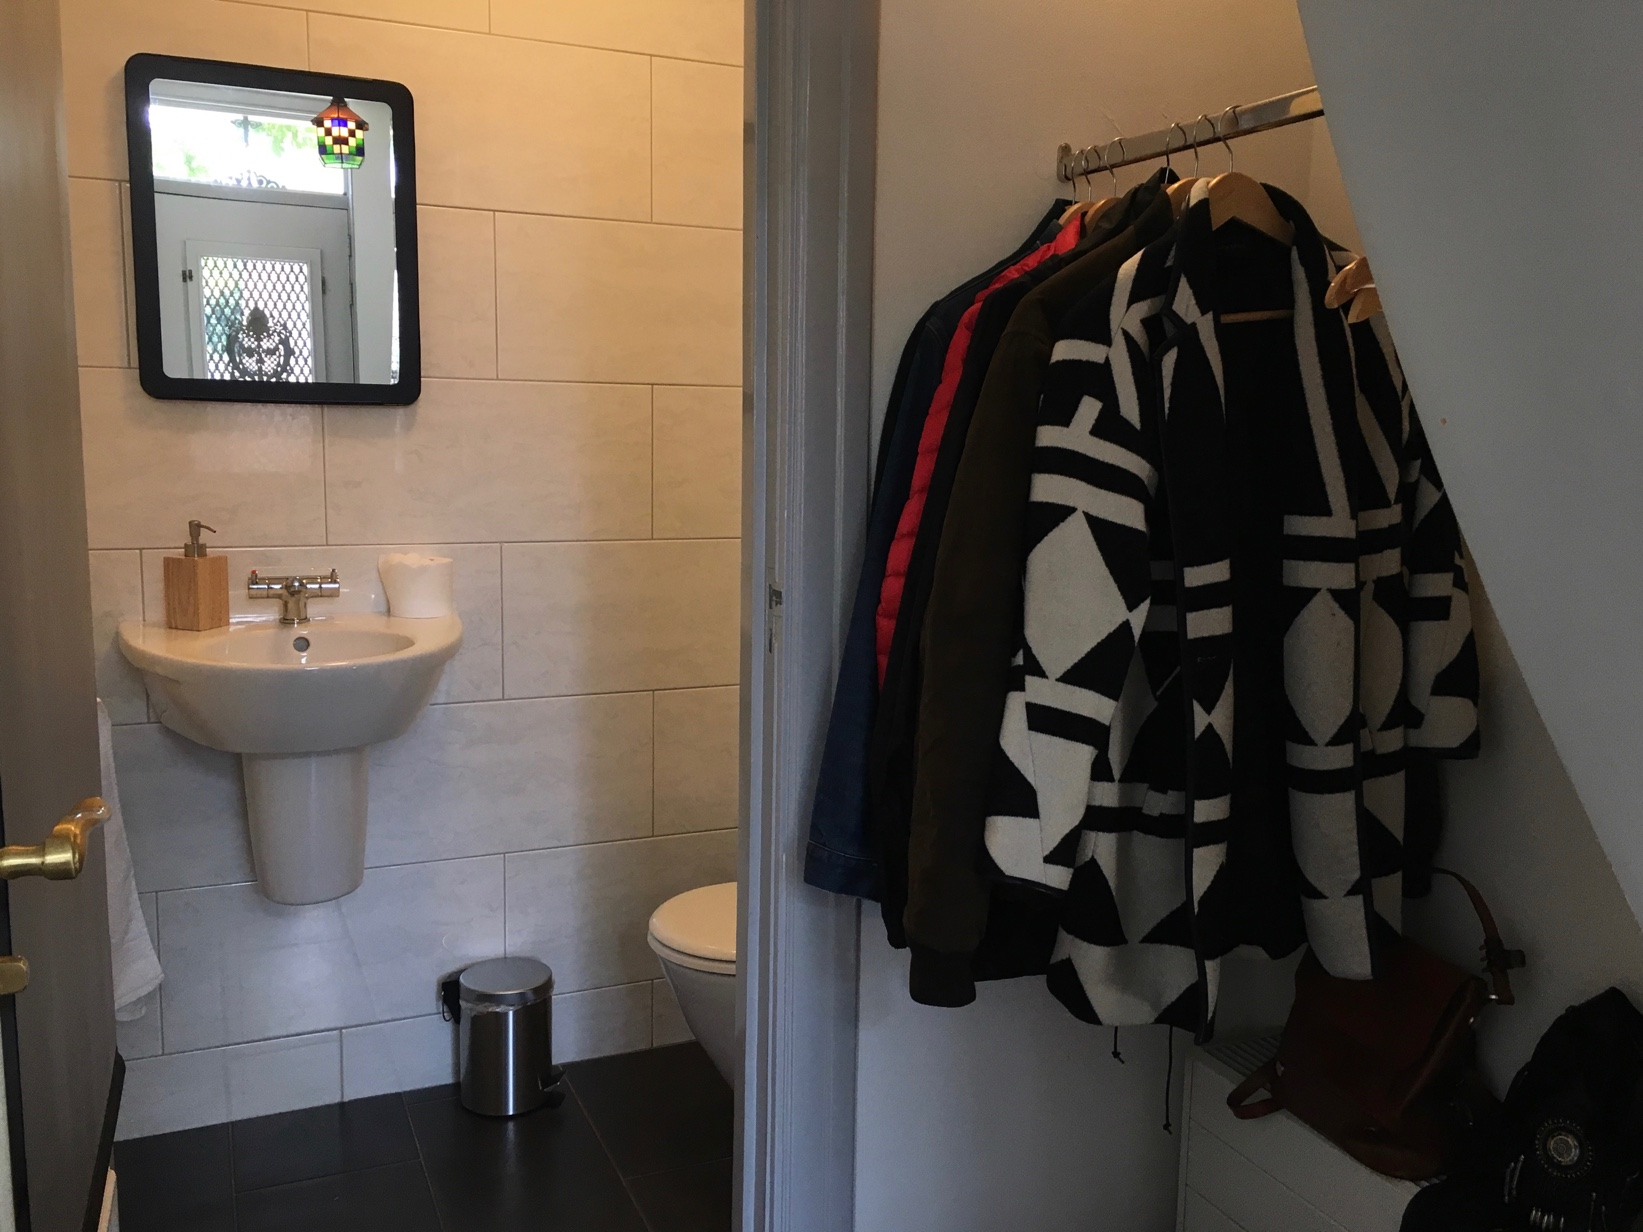 Huis styling, blog 6, goed gevoel, routines